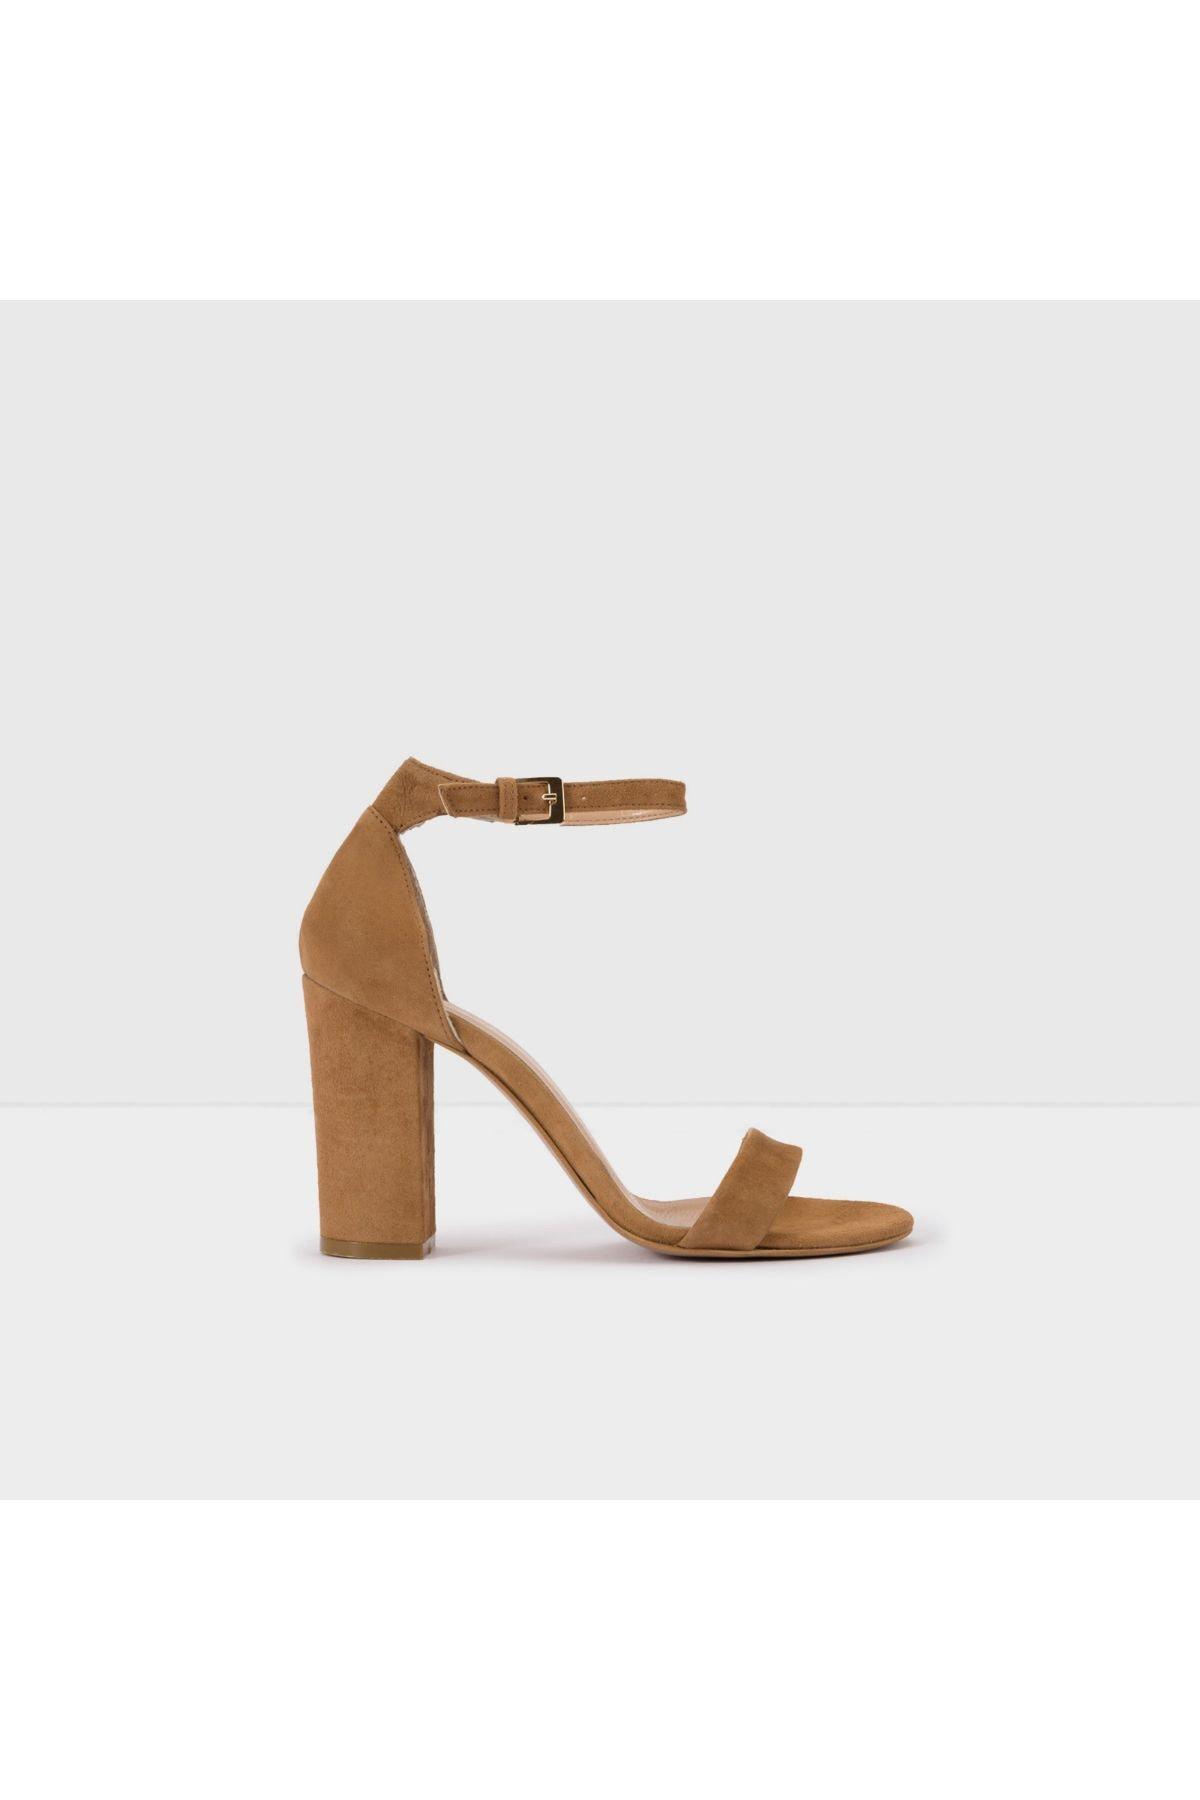 Aldo JERAYCLYA-TR - Taba Kadın Topuklu Sandalet 1